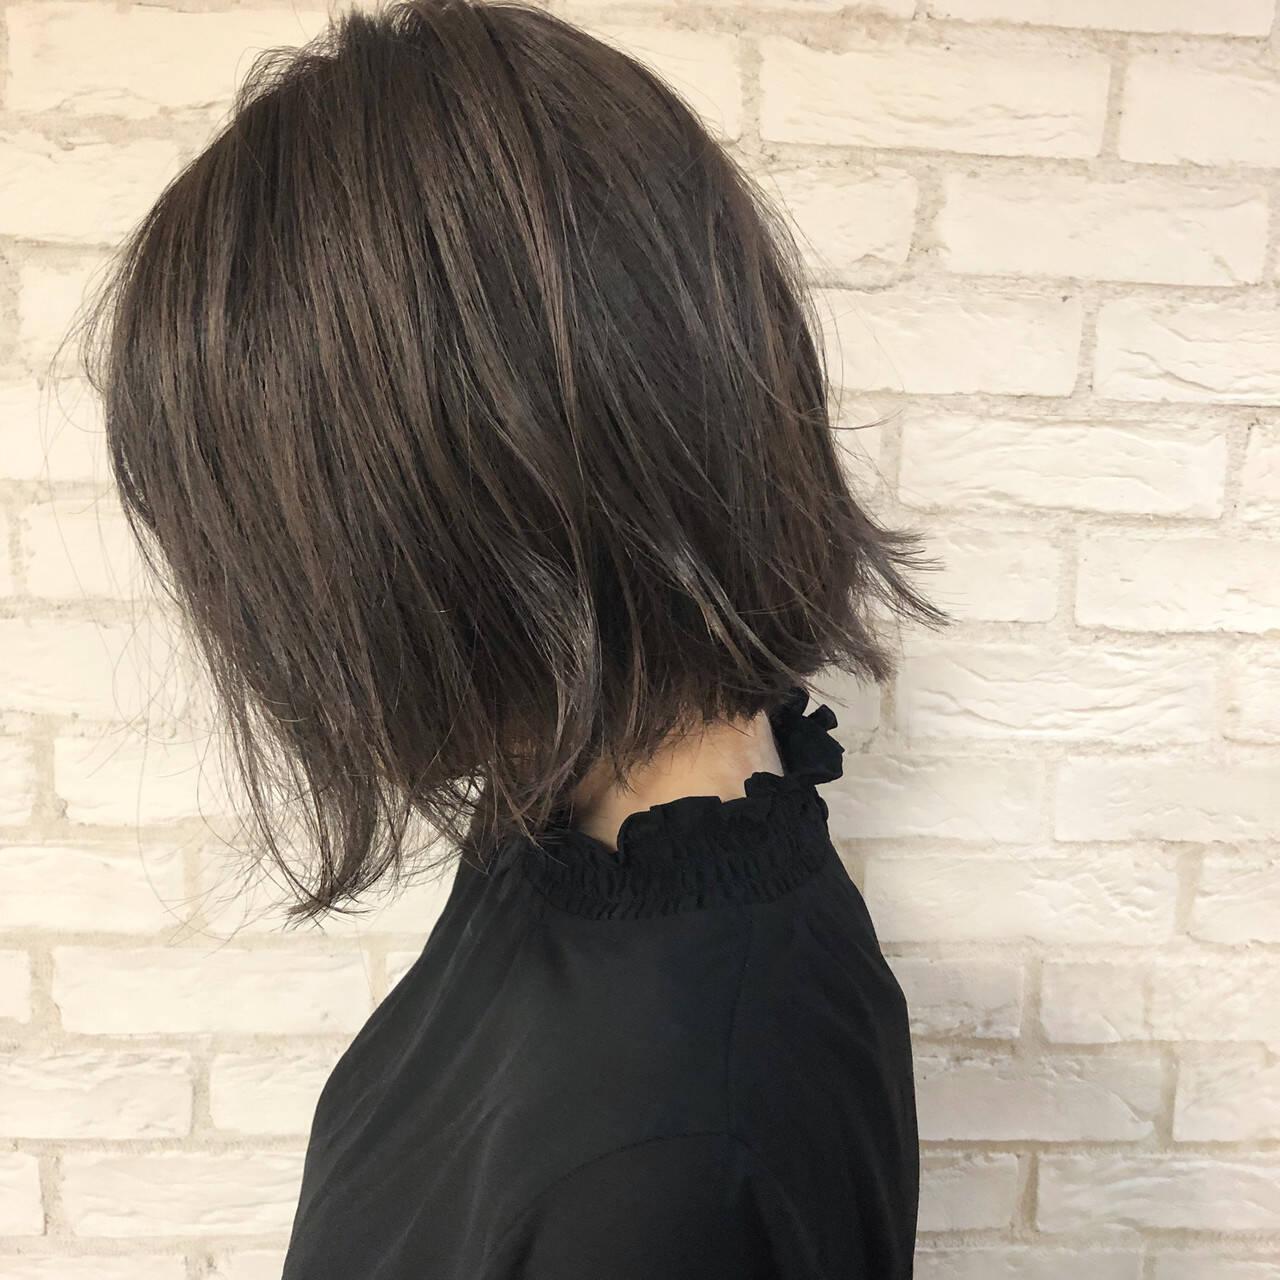 ハイライト グレージュ 簡単ヘアアレンジ 切りっぱなしボブヘアスタイルや髪型の写真・画像